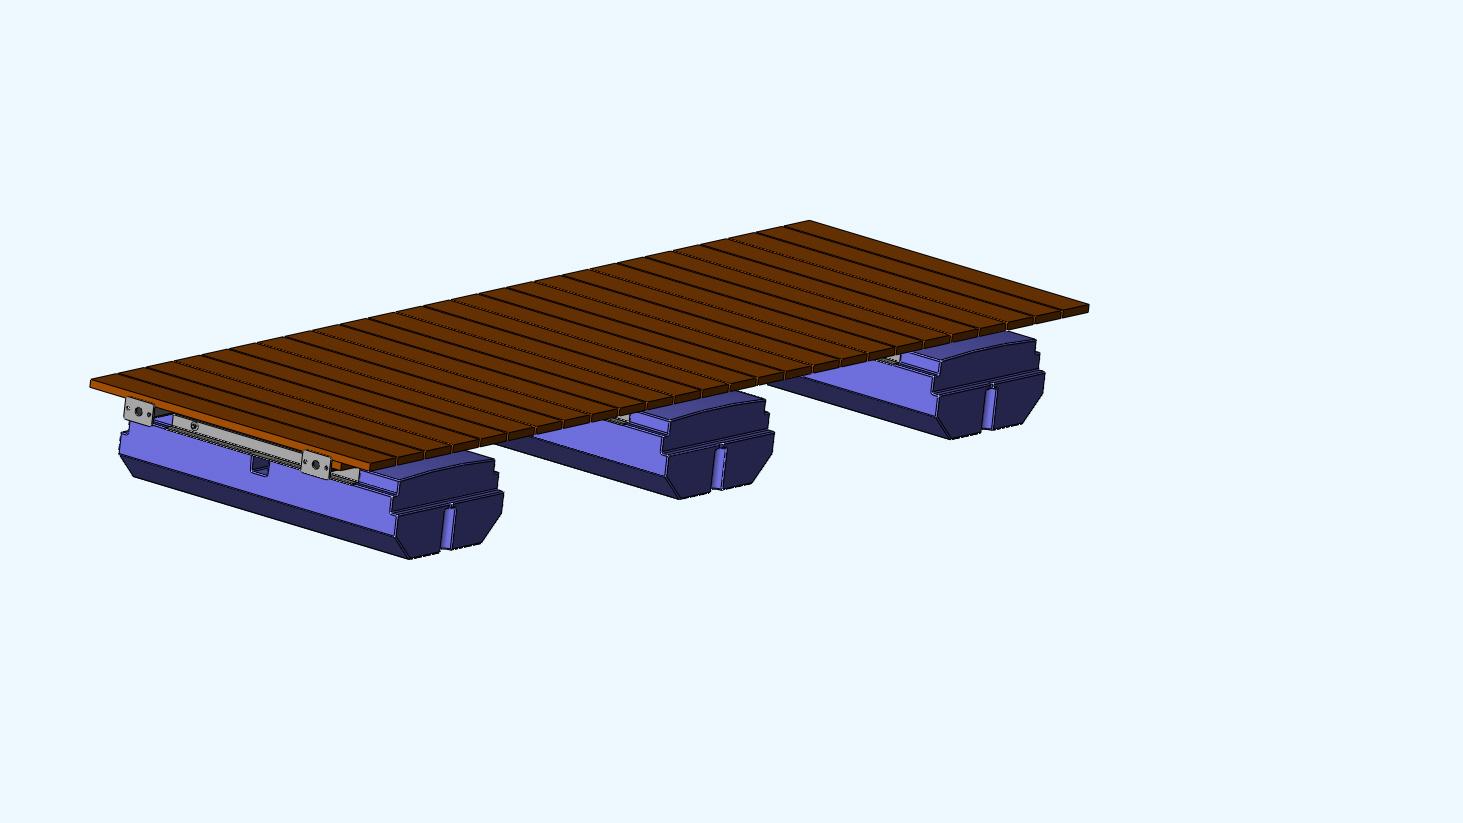 hausboot selber bauen bauplan carport bauen flachdach sparren aufsetzen die besten hausboot. Black Bedroom Furniture Sets. Home Design Ideas